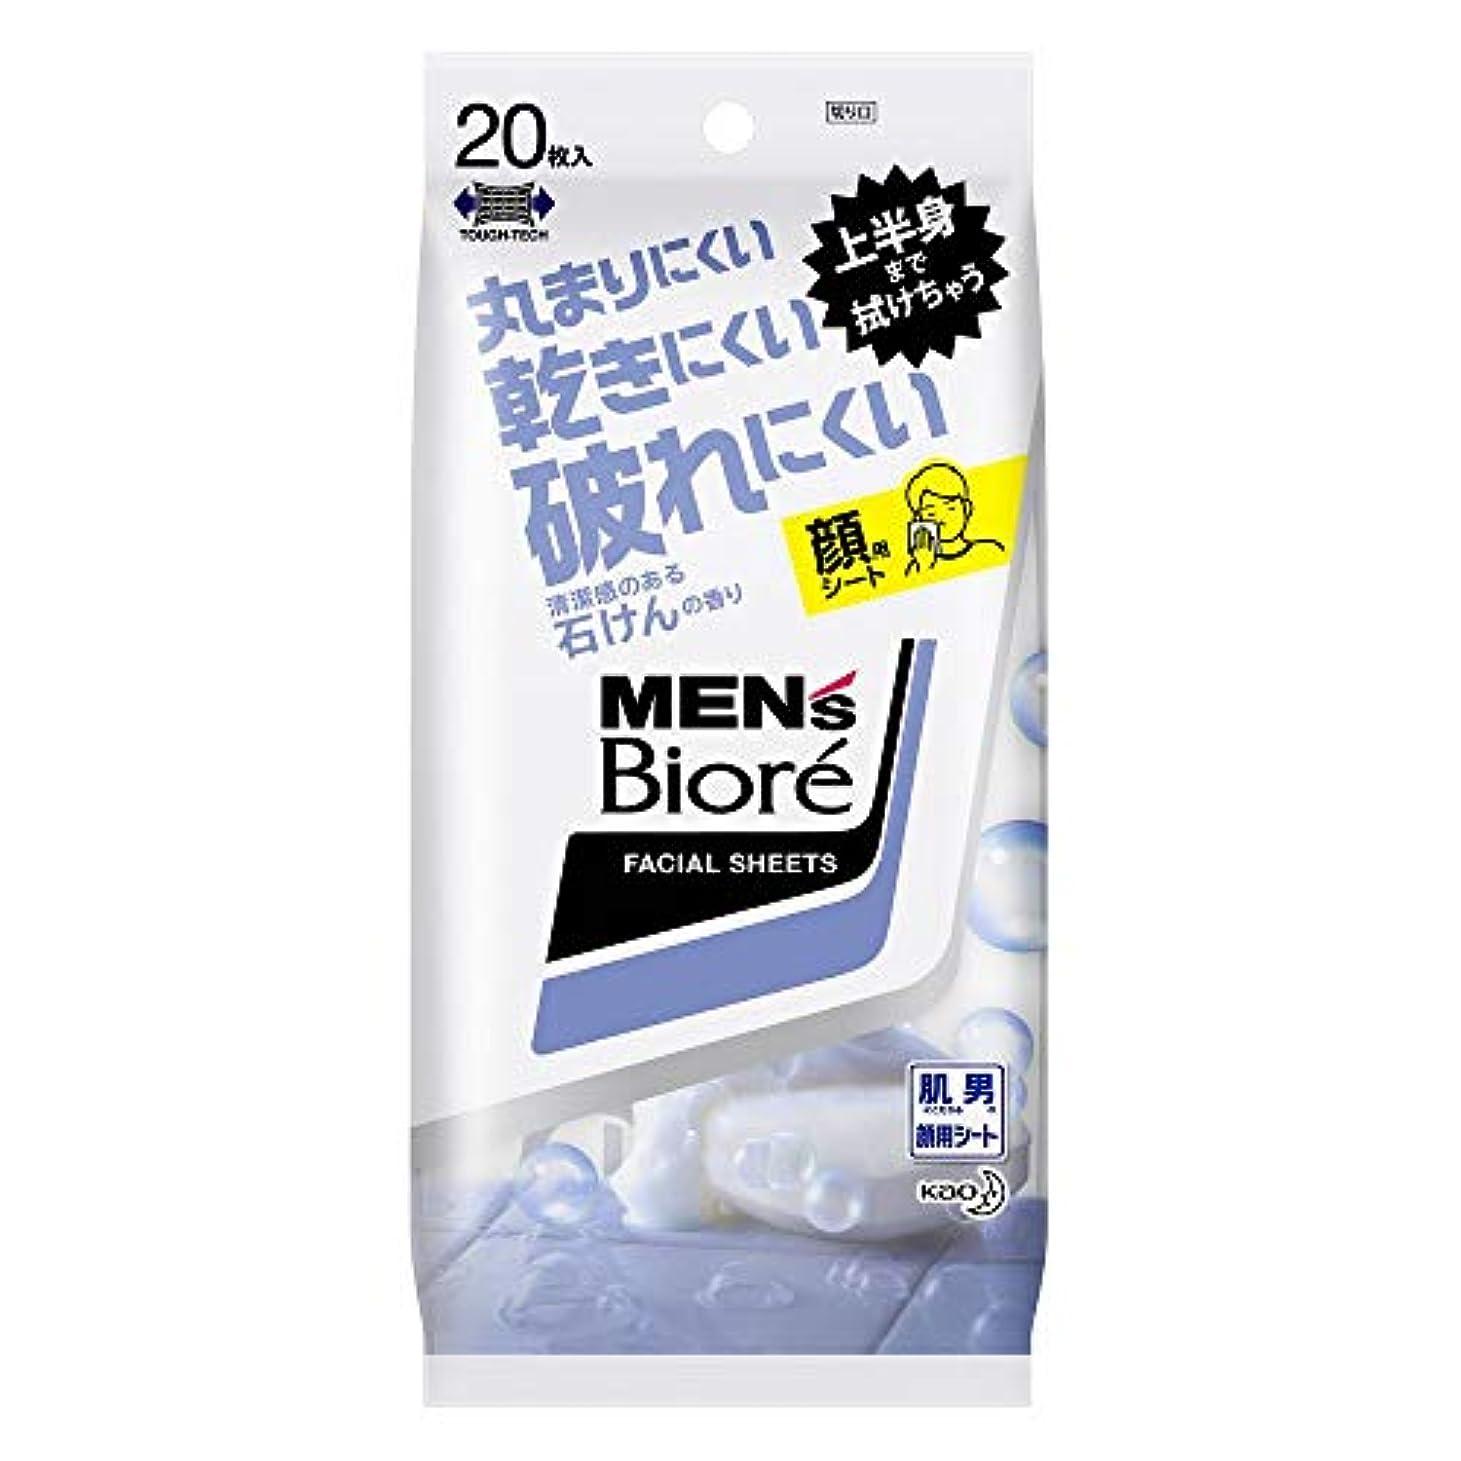 マーガレットミッチェル改修する統計花王 メンズビオレ 洗顔シート 石けん 携帯用 20枚